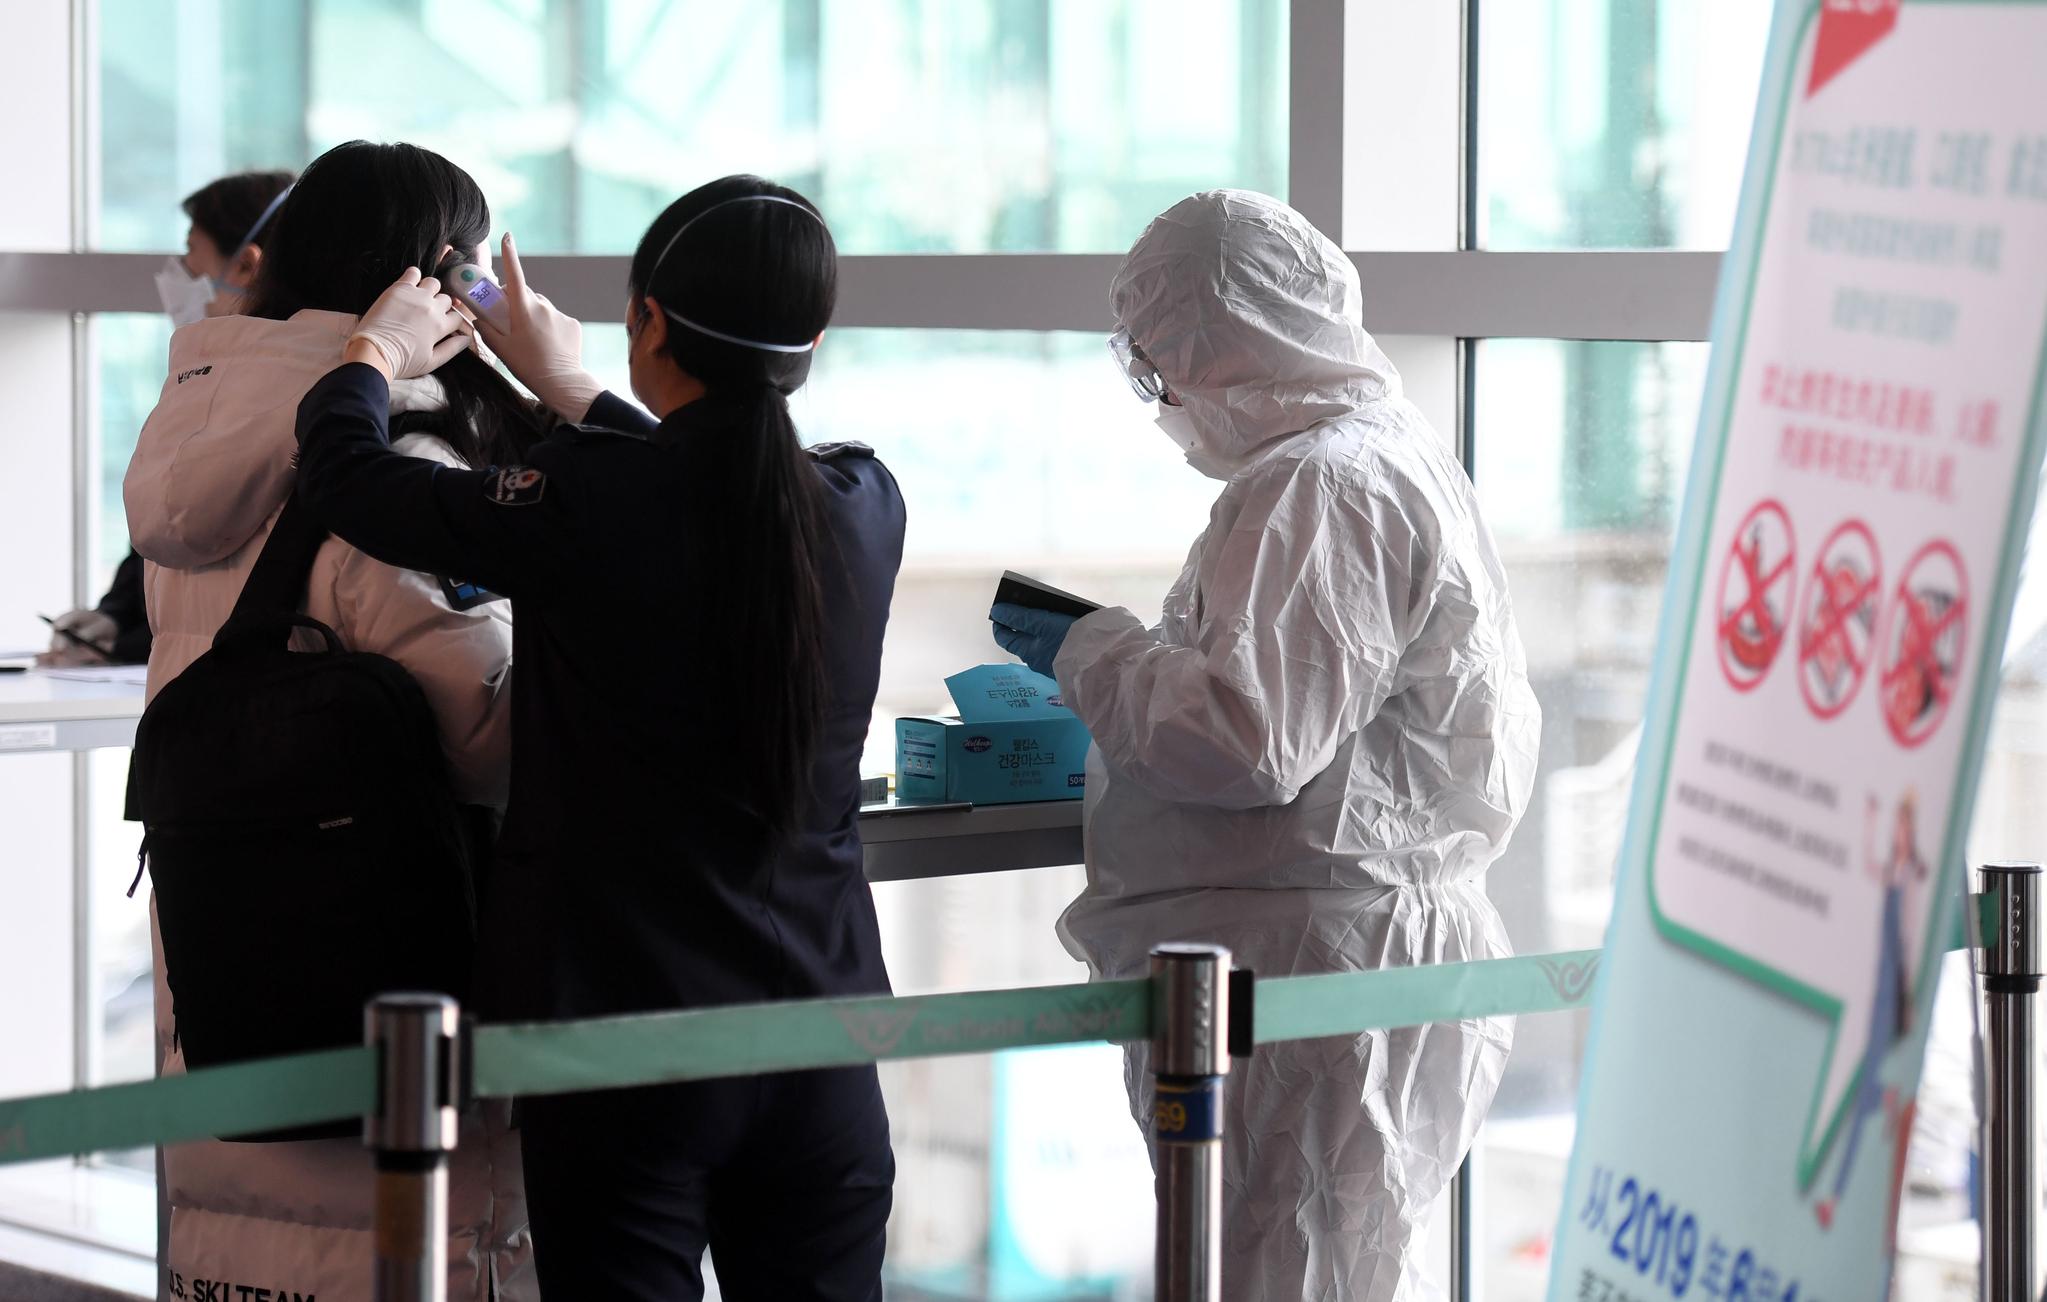 인천국제공항 제1터미널 입국장에서 중국 텐진발 항공편으로 입국한 사람들이 검역받고 있다. [연합뉴스]